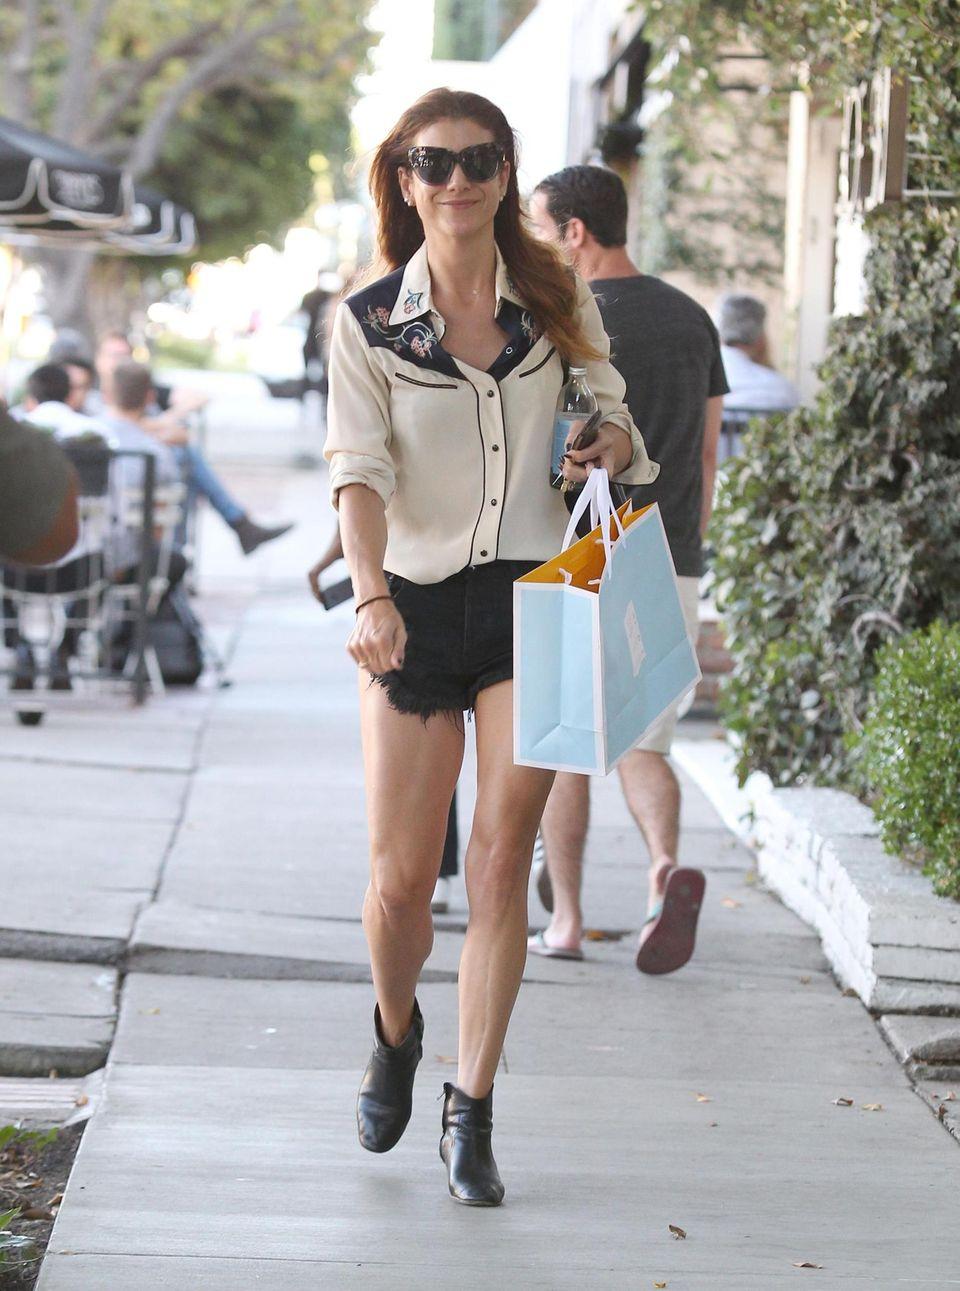 Offensichtlich glückselig vom Shoppen, schlendert Kate Walsh in sexy Hot-Pants und Western-Bluse durch die Straßen von Los Angeles.